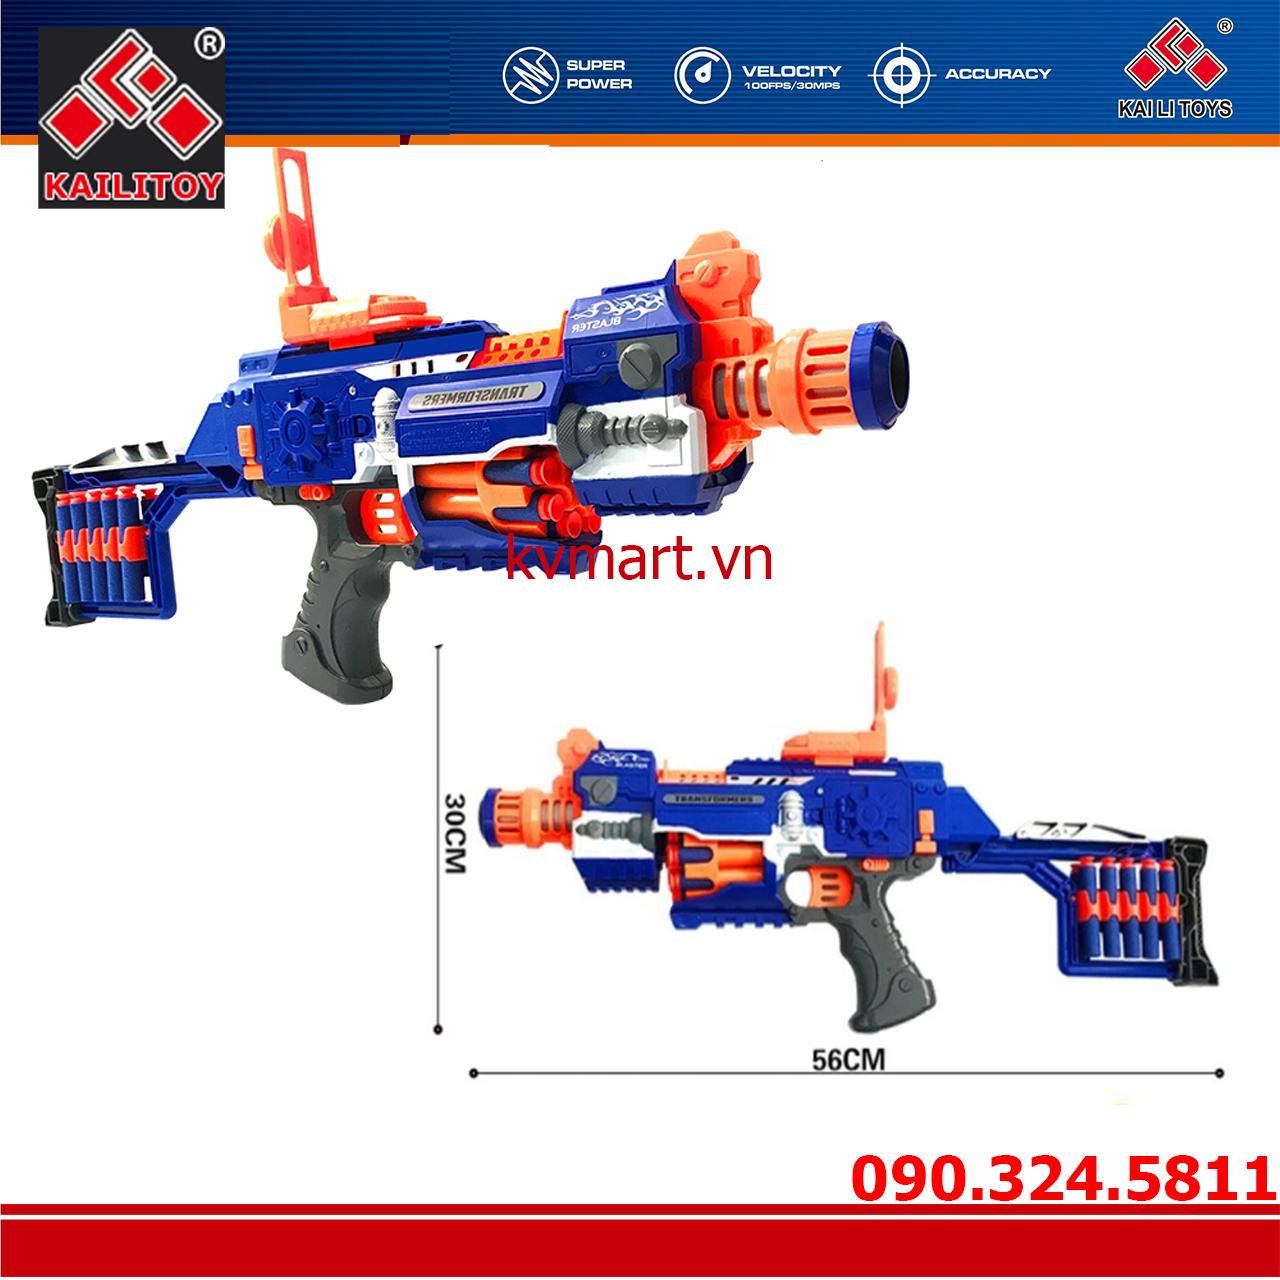 Đồ chơi súng bắn đạn xốp mút kính - Blaster SB238